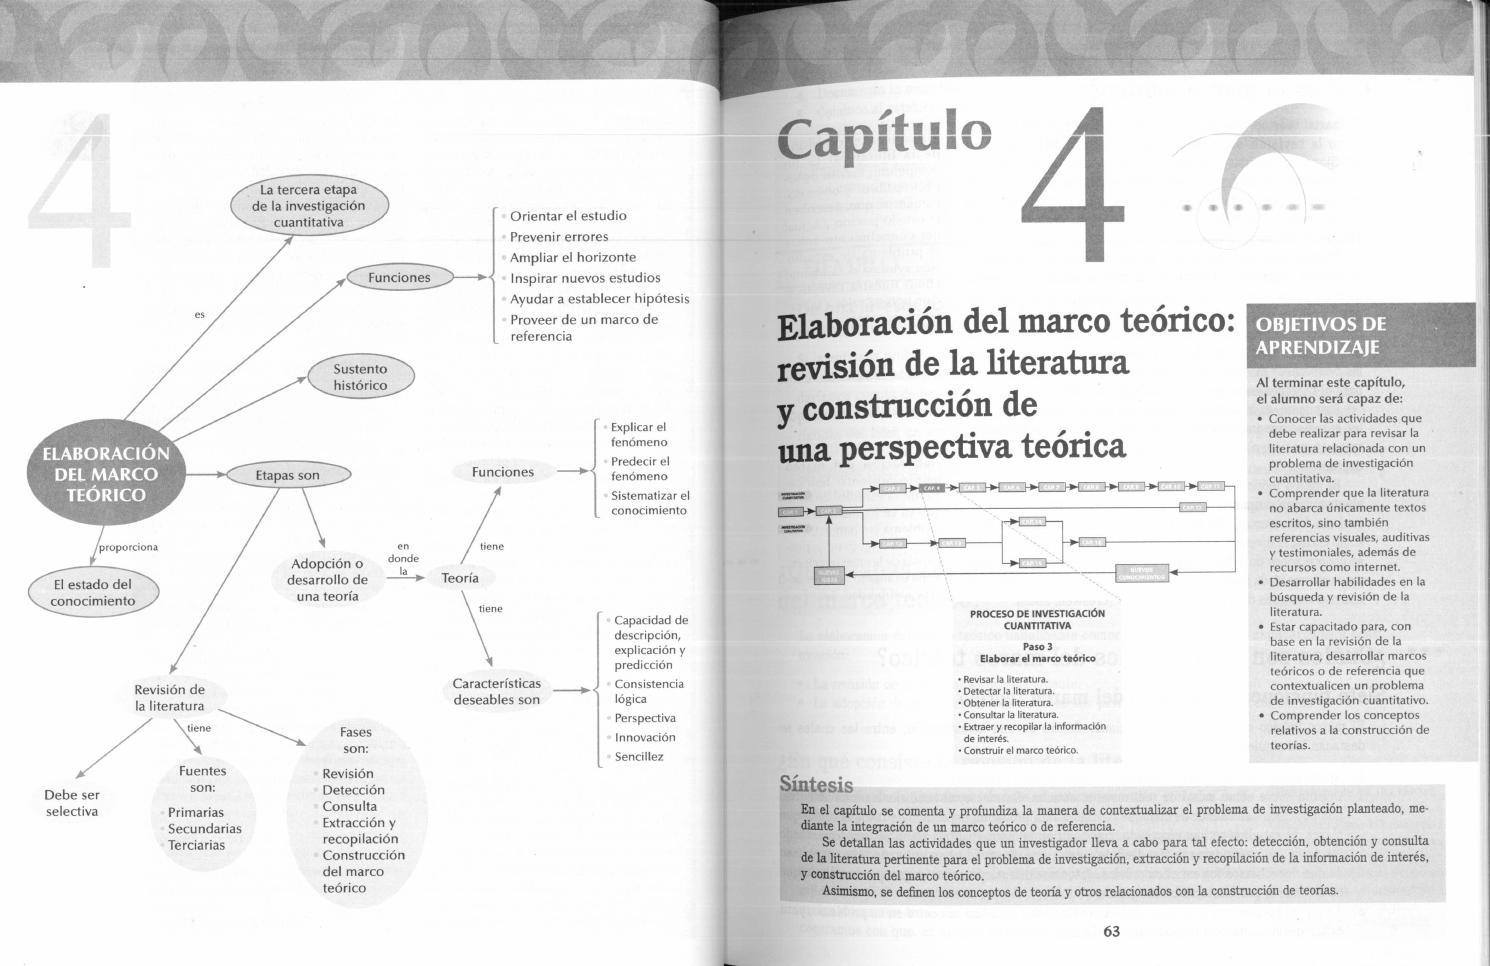 Capitulo 4 elaboración del marco teórico revisión de la lit by ...